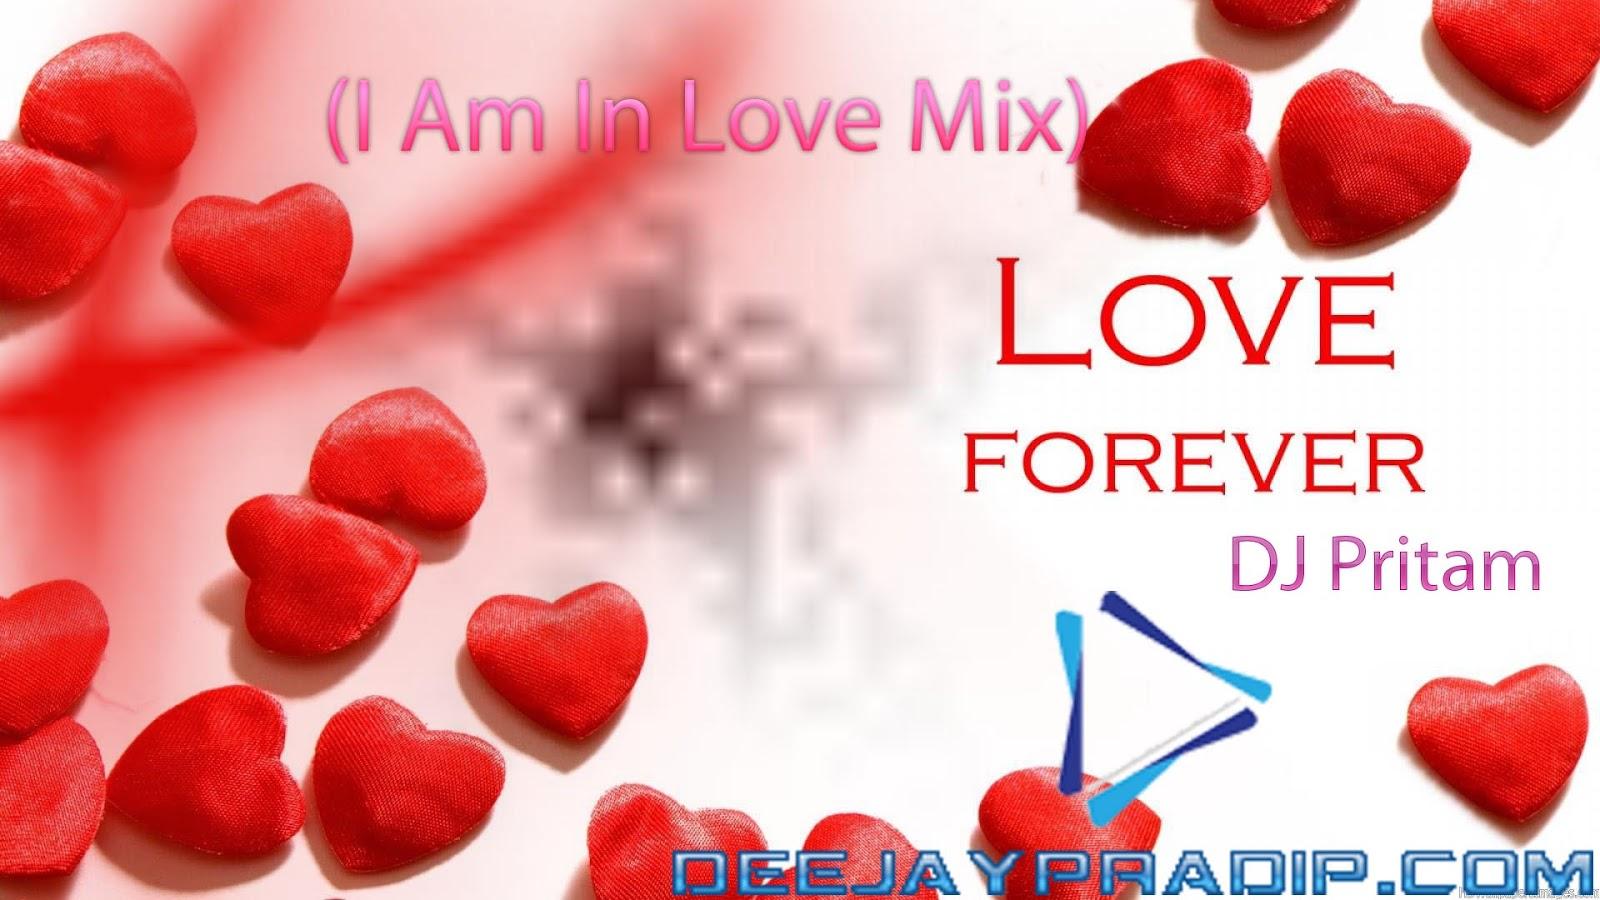 love forever vol 2 i am in love mix dj pritam. Black Bedroom Furniture Sets. Home Design Ideas